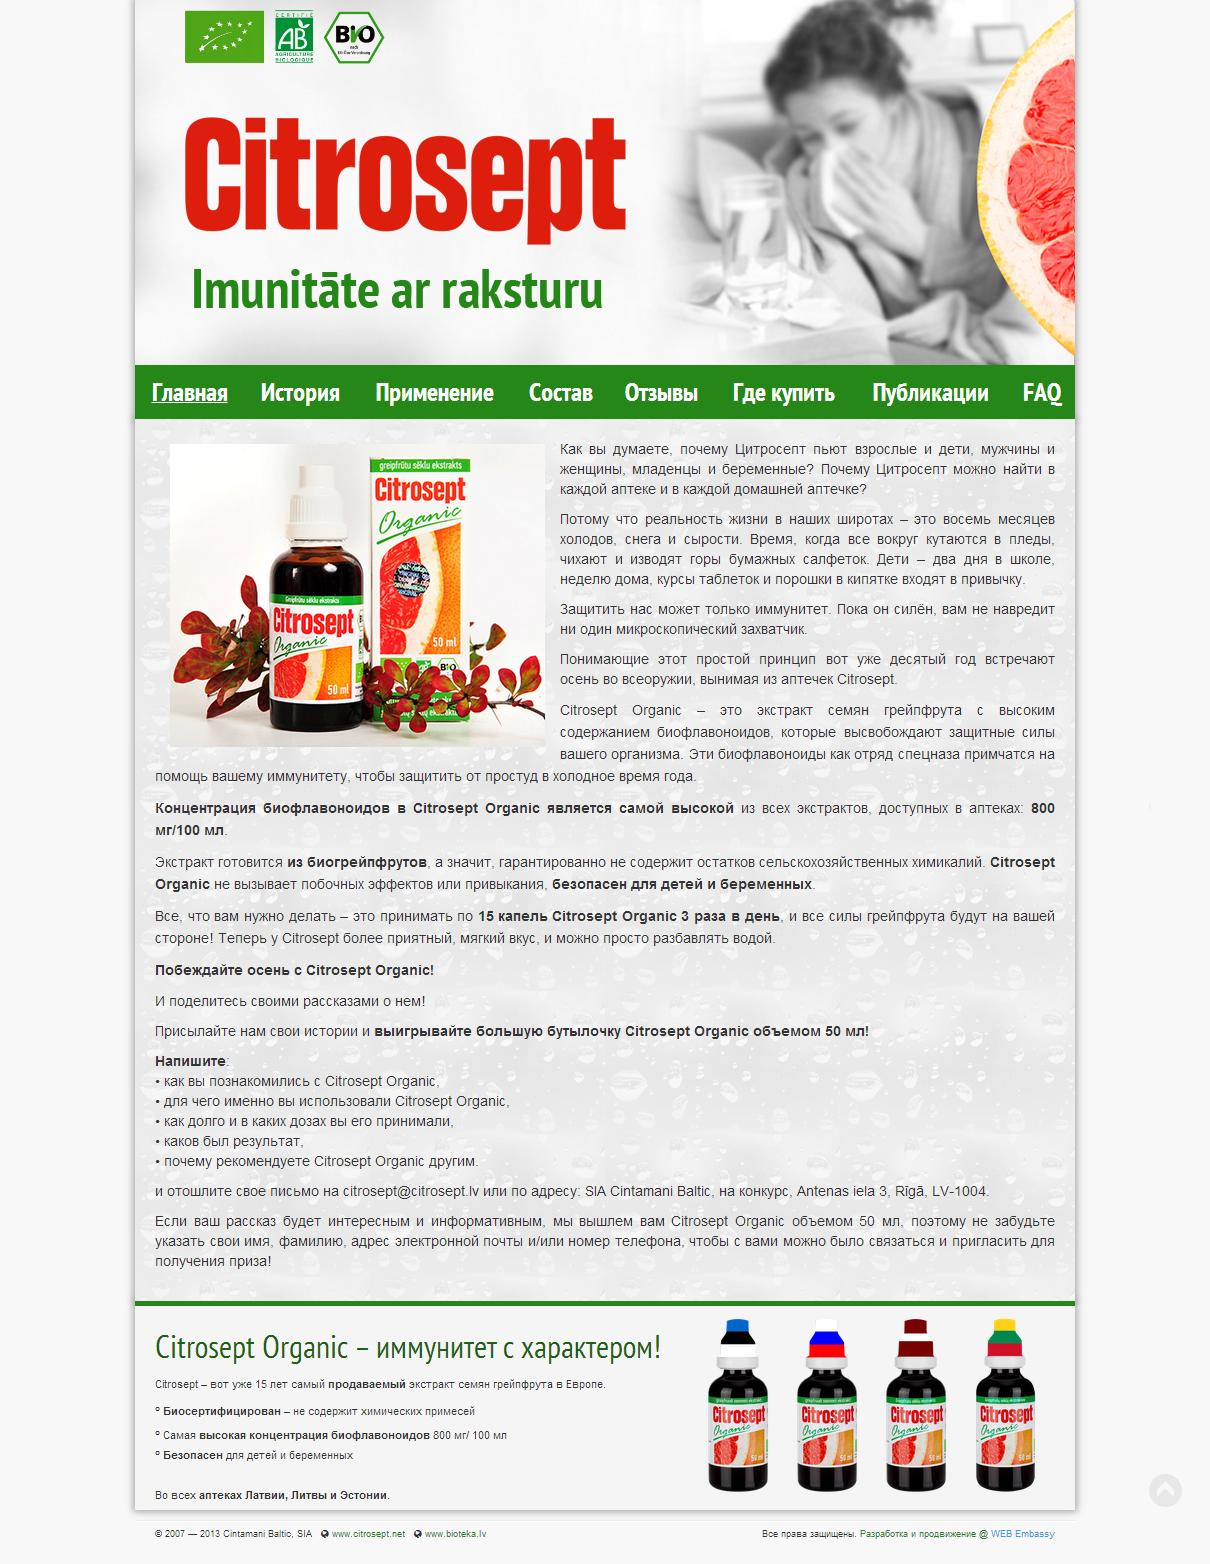 Создание веб-сайта для продвижения продукции Citrosept в Латвии